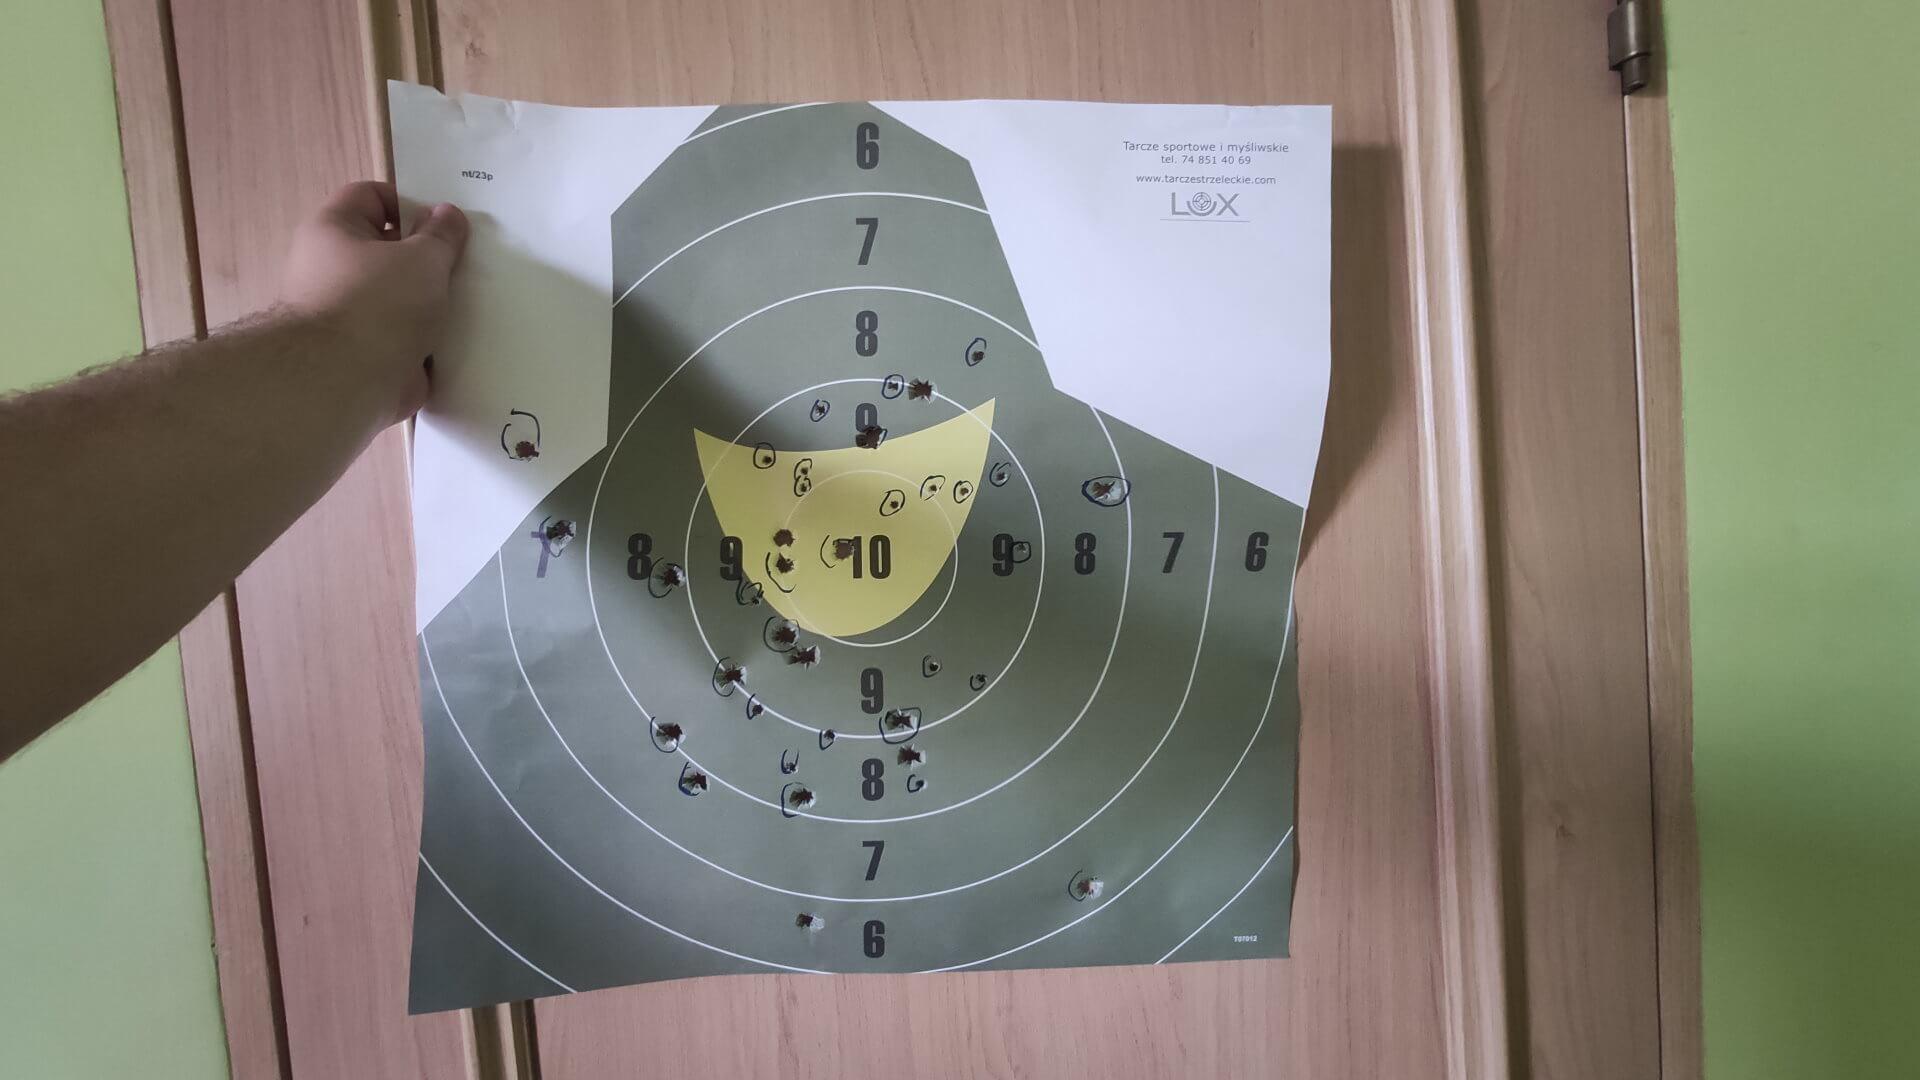 Przestrzelona tarcza strzelecka